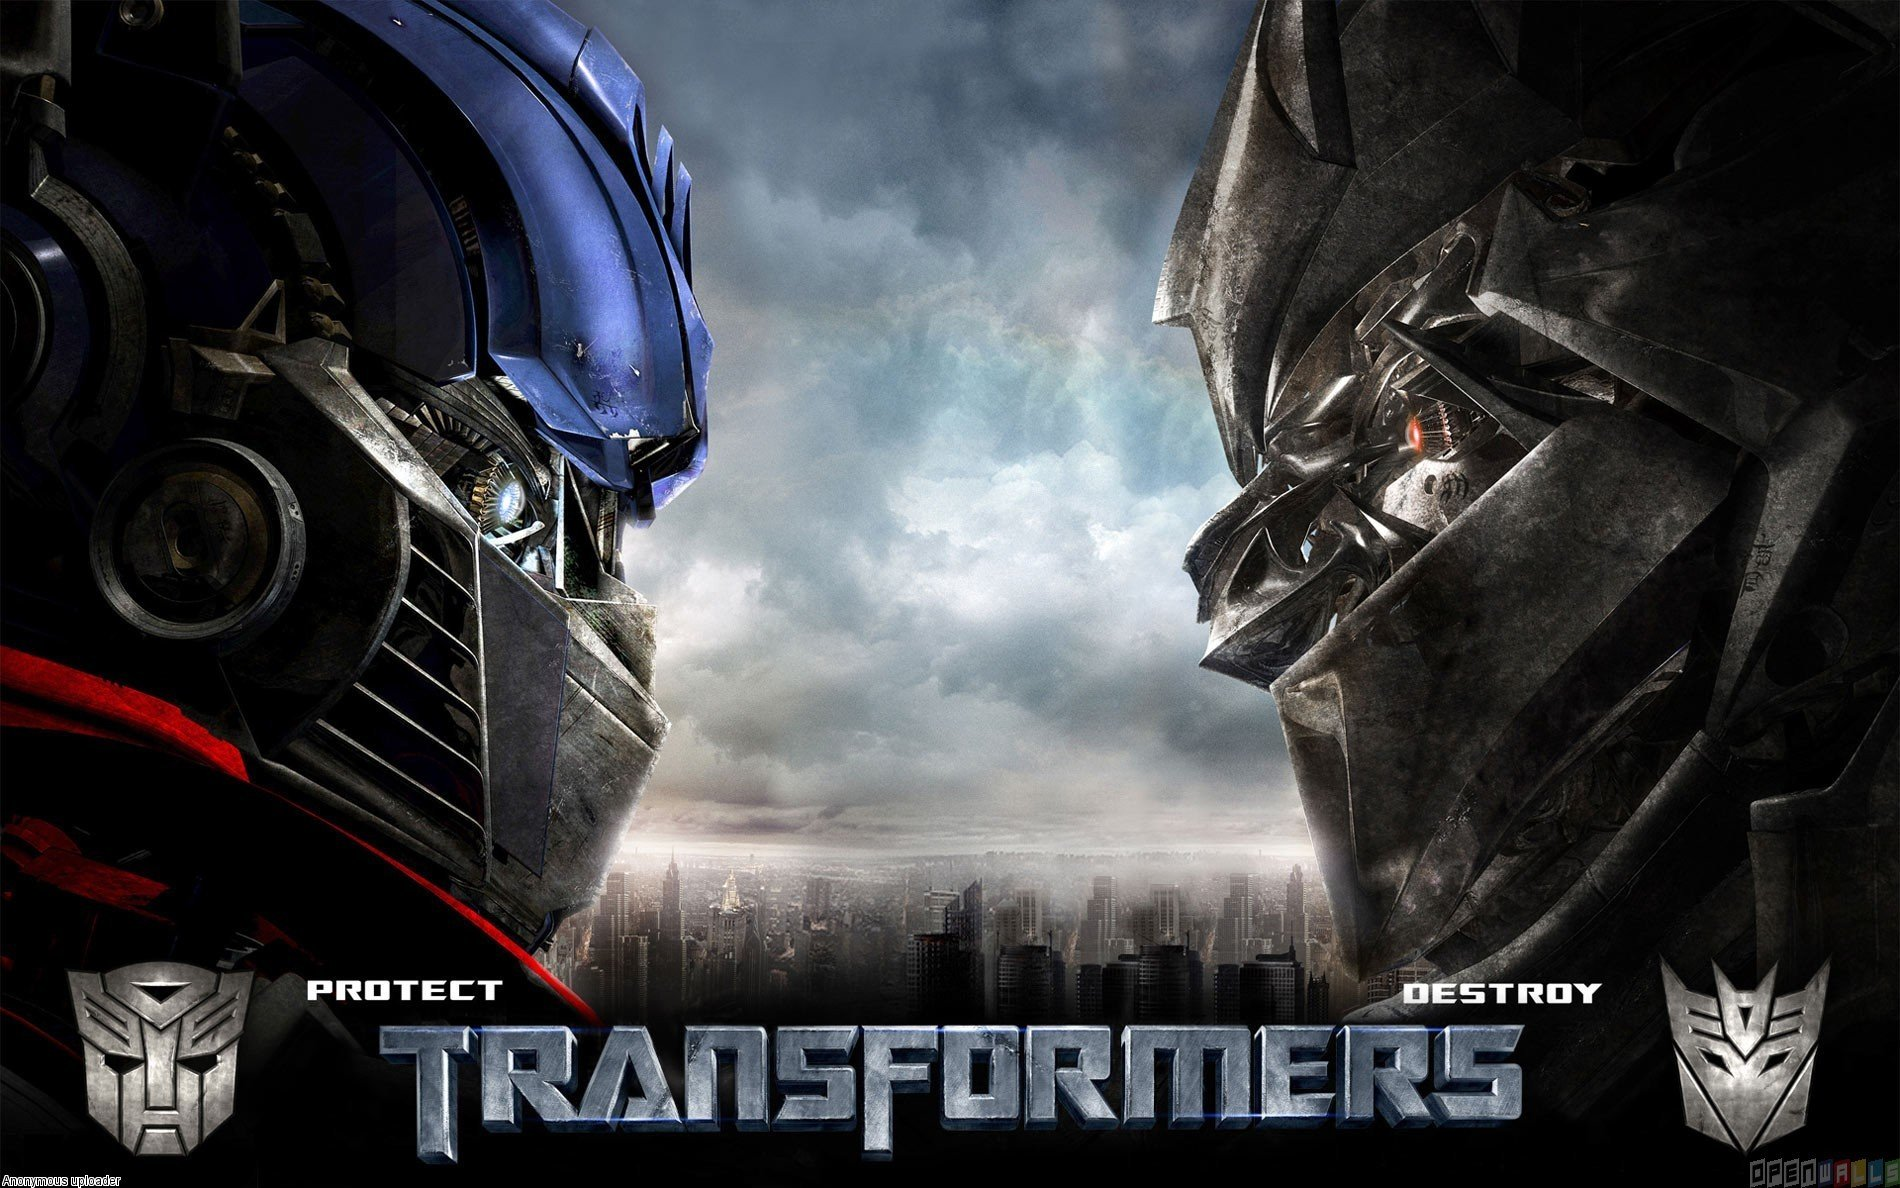 Movie autobot vs decepticon